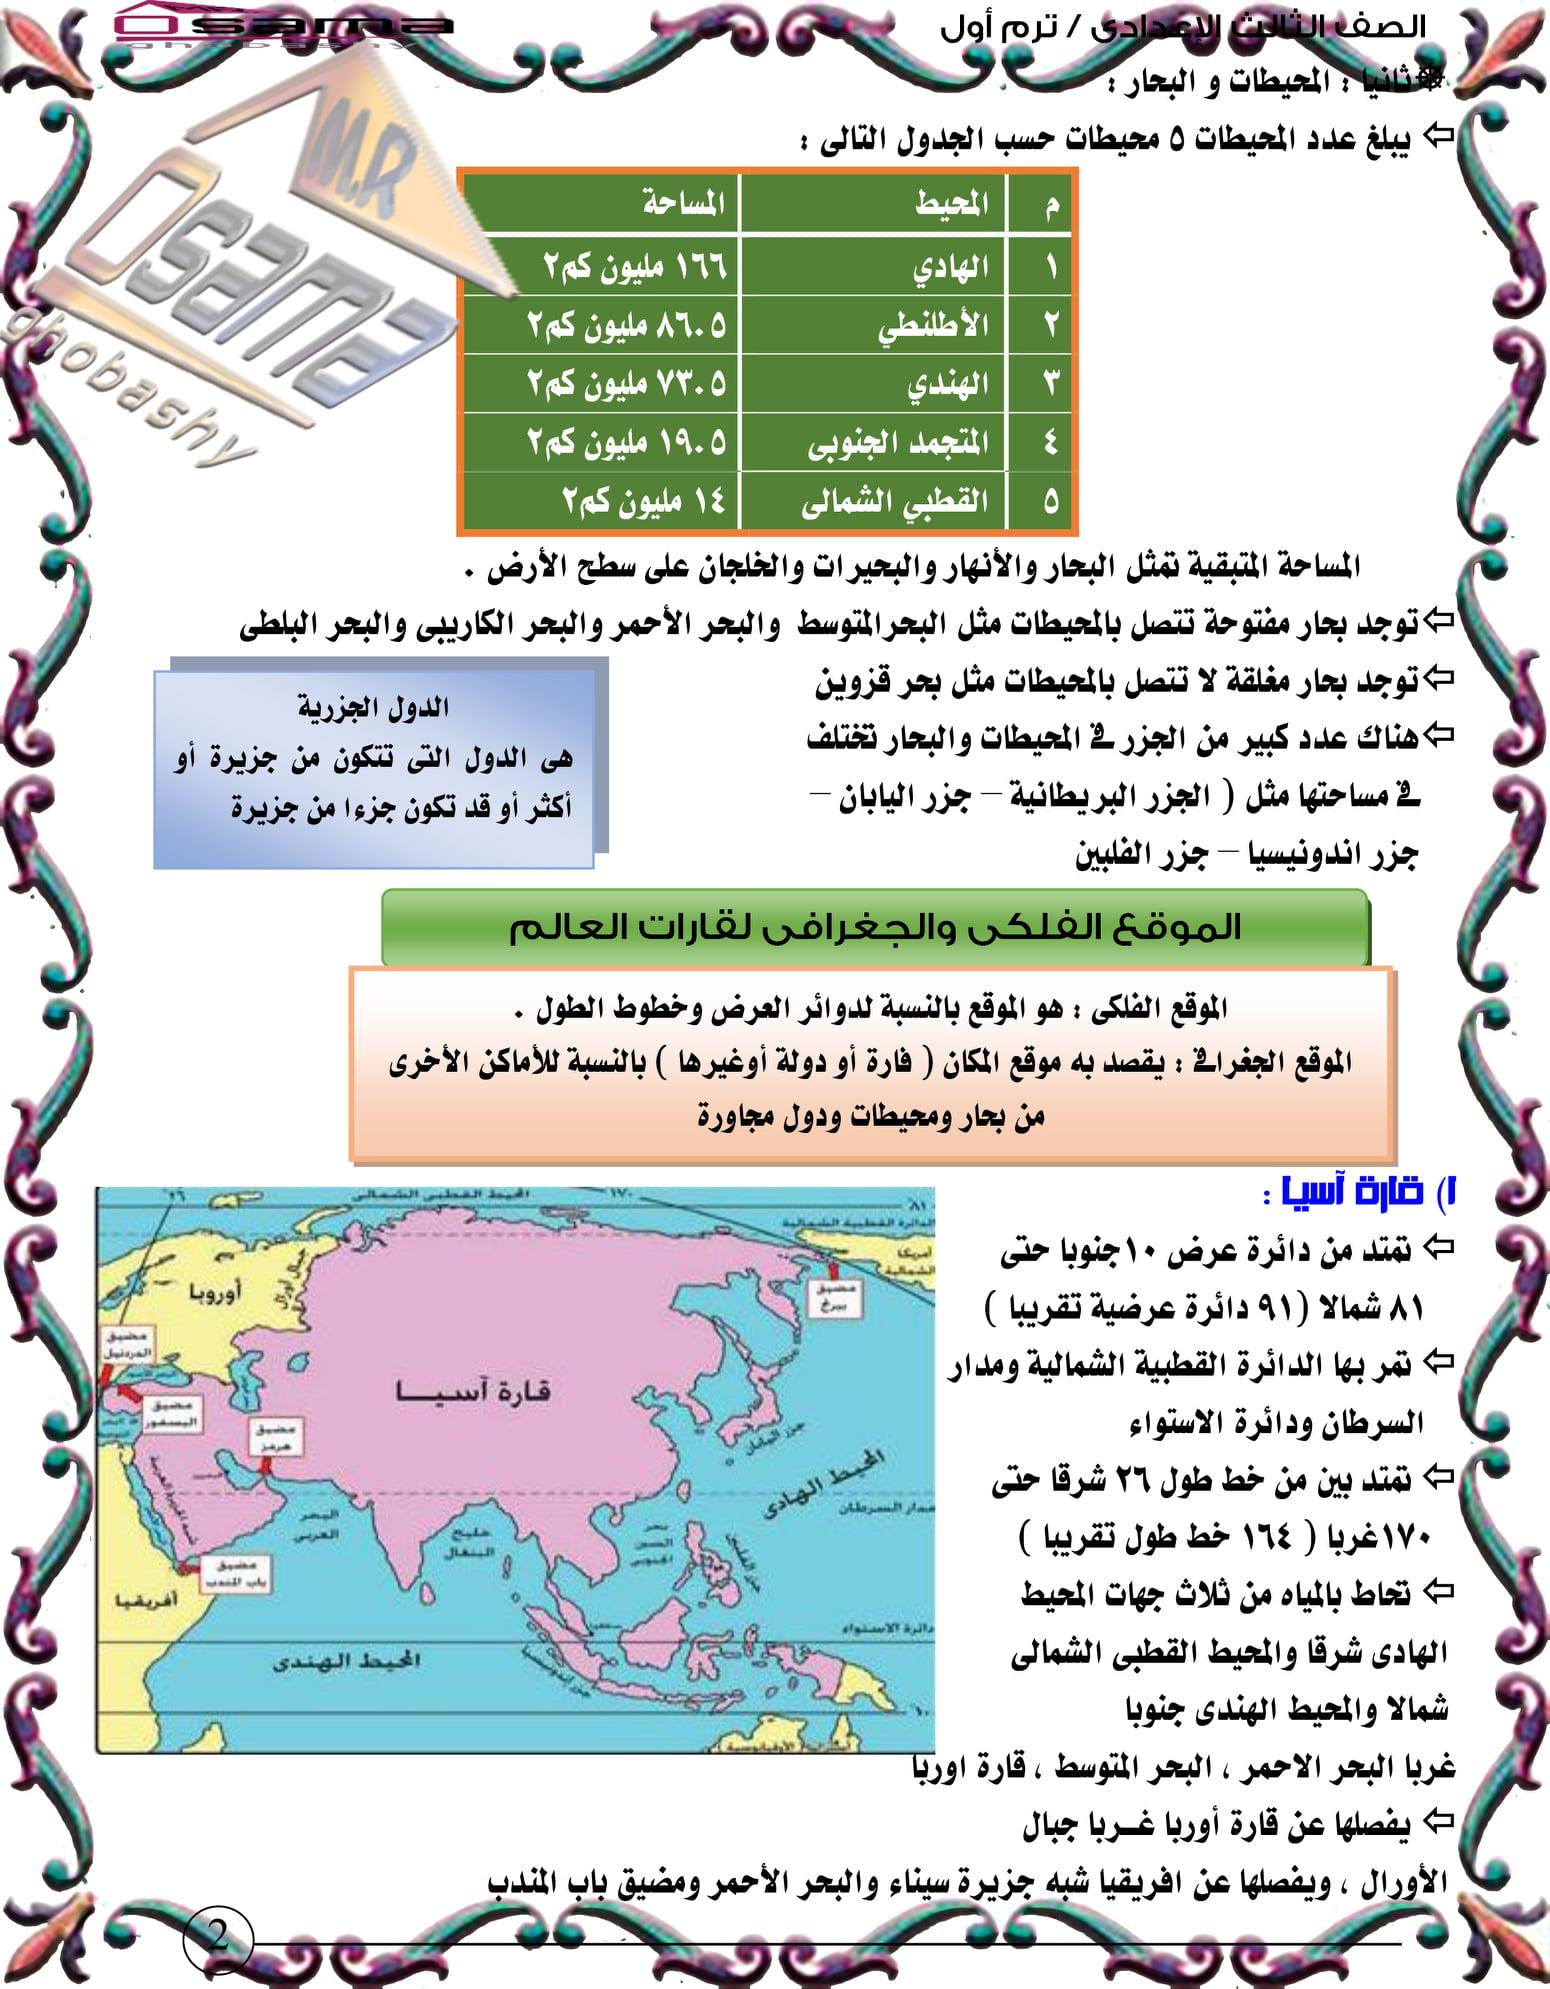 اقوى مذكرة جغرافيا للصف الثالث الاعدادى الترم الاول 2022 pdf